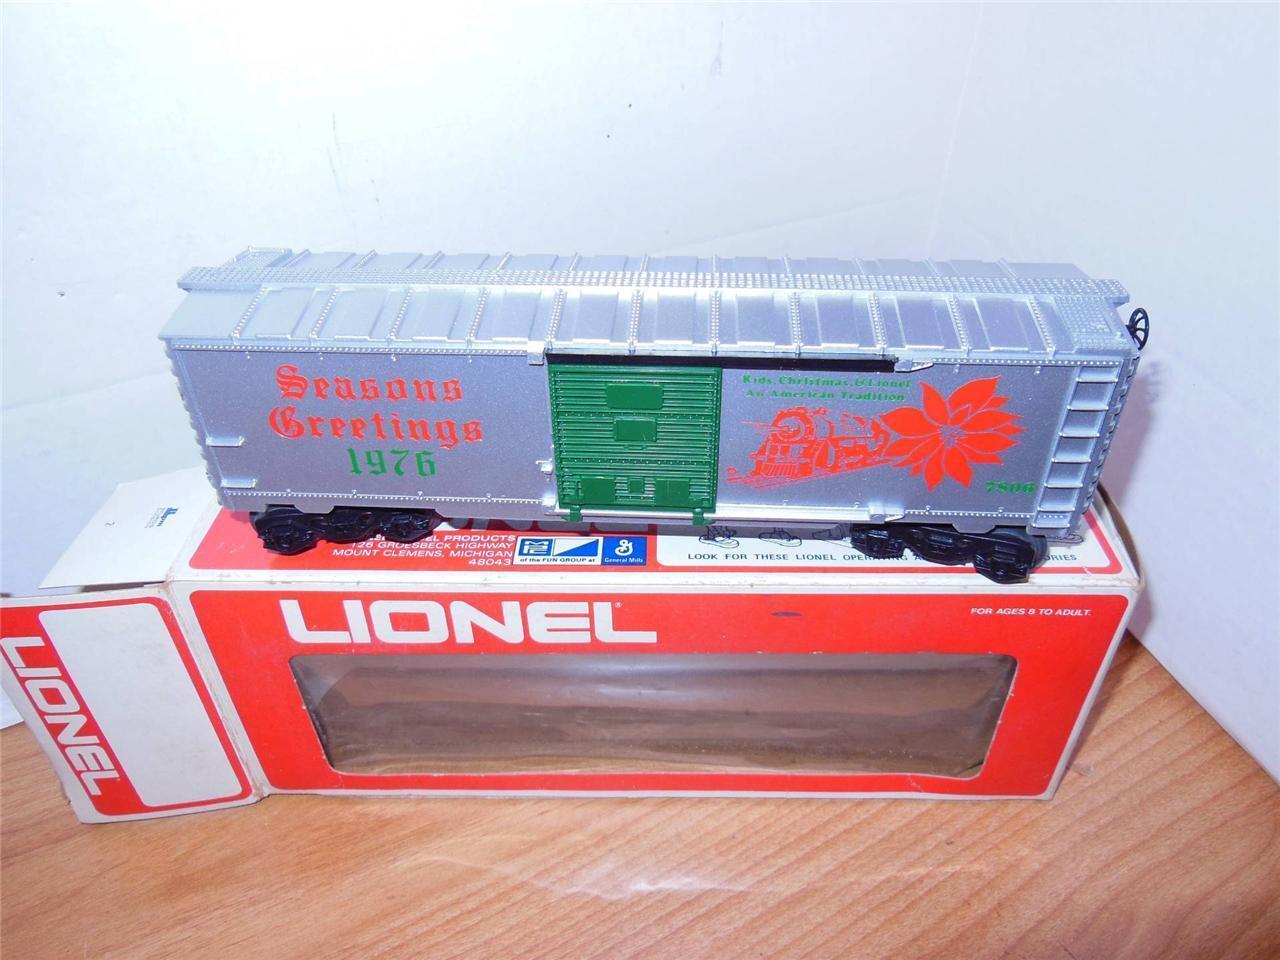 Lionel PRODUZIONE LIMITATA 7806  1976 vagone di NataleMentaW2